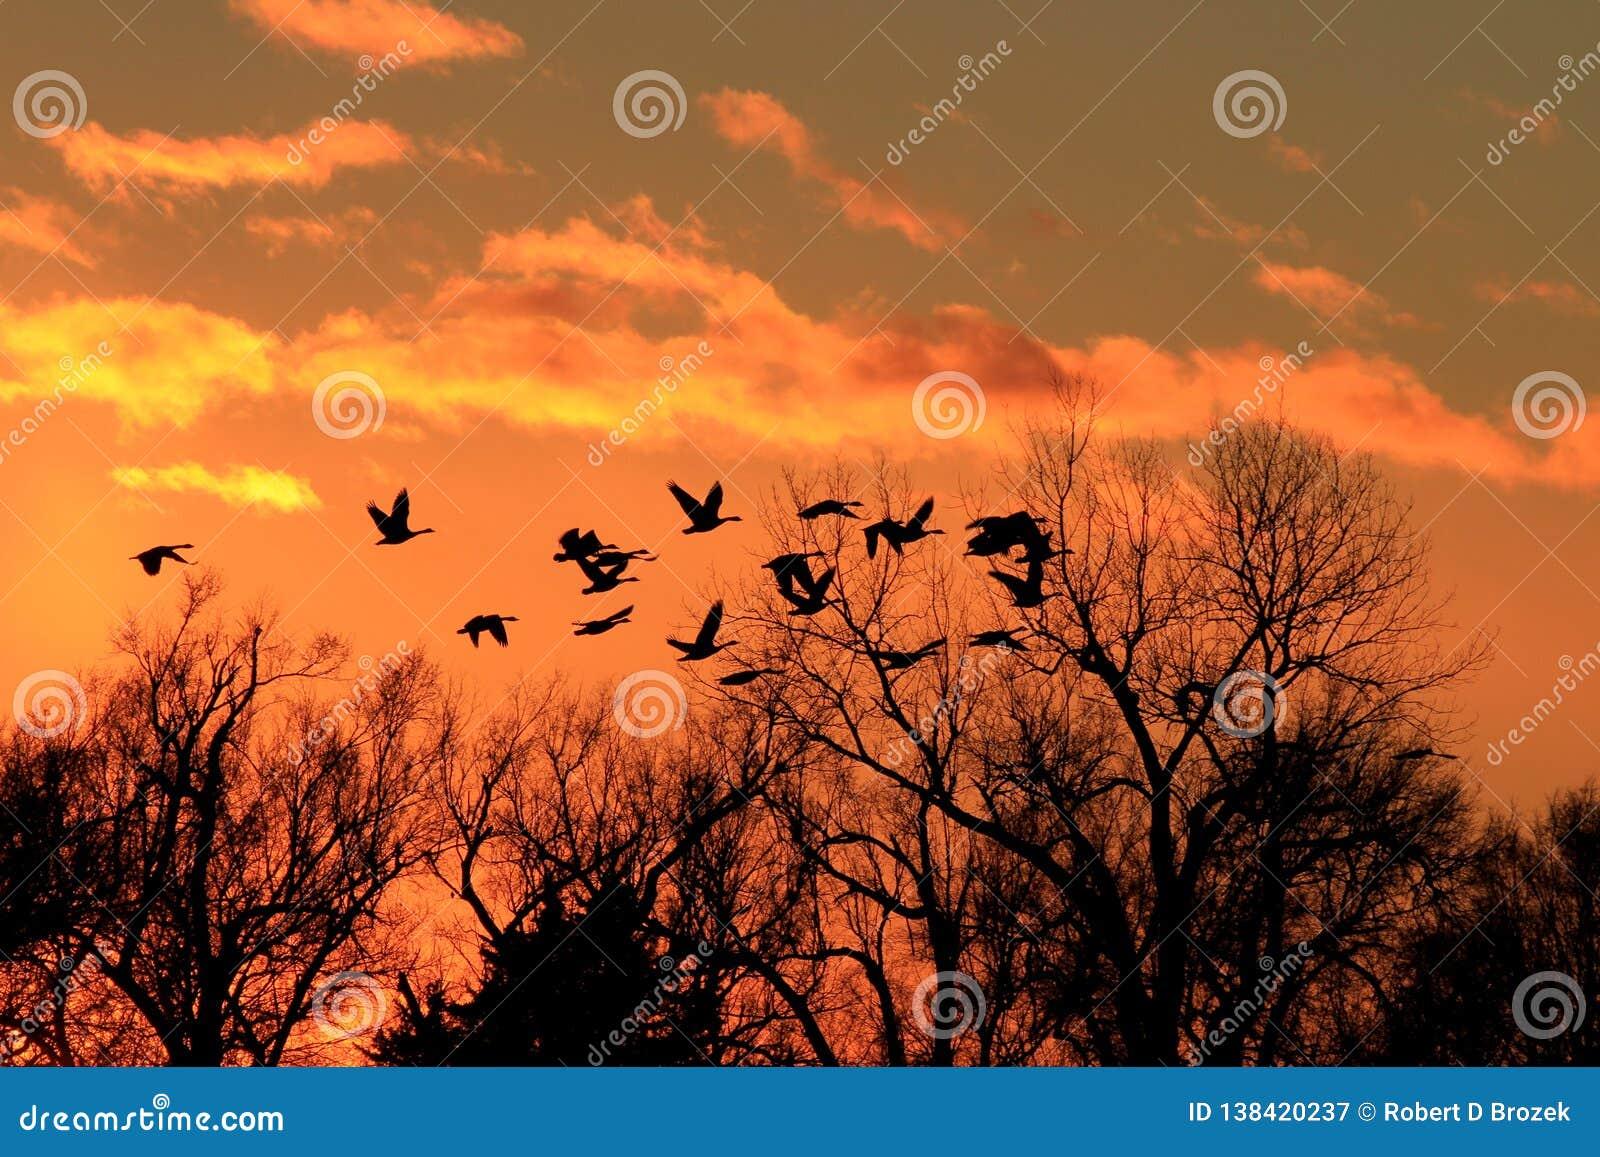 Kanadische Gänse silhouettieren mit einem bunten Sonnenuntergang